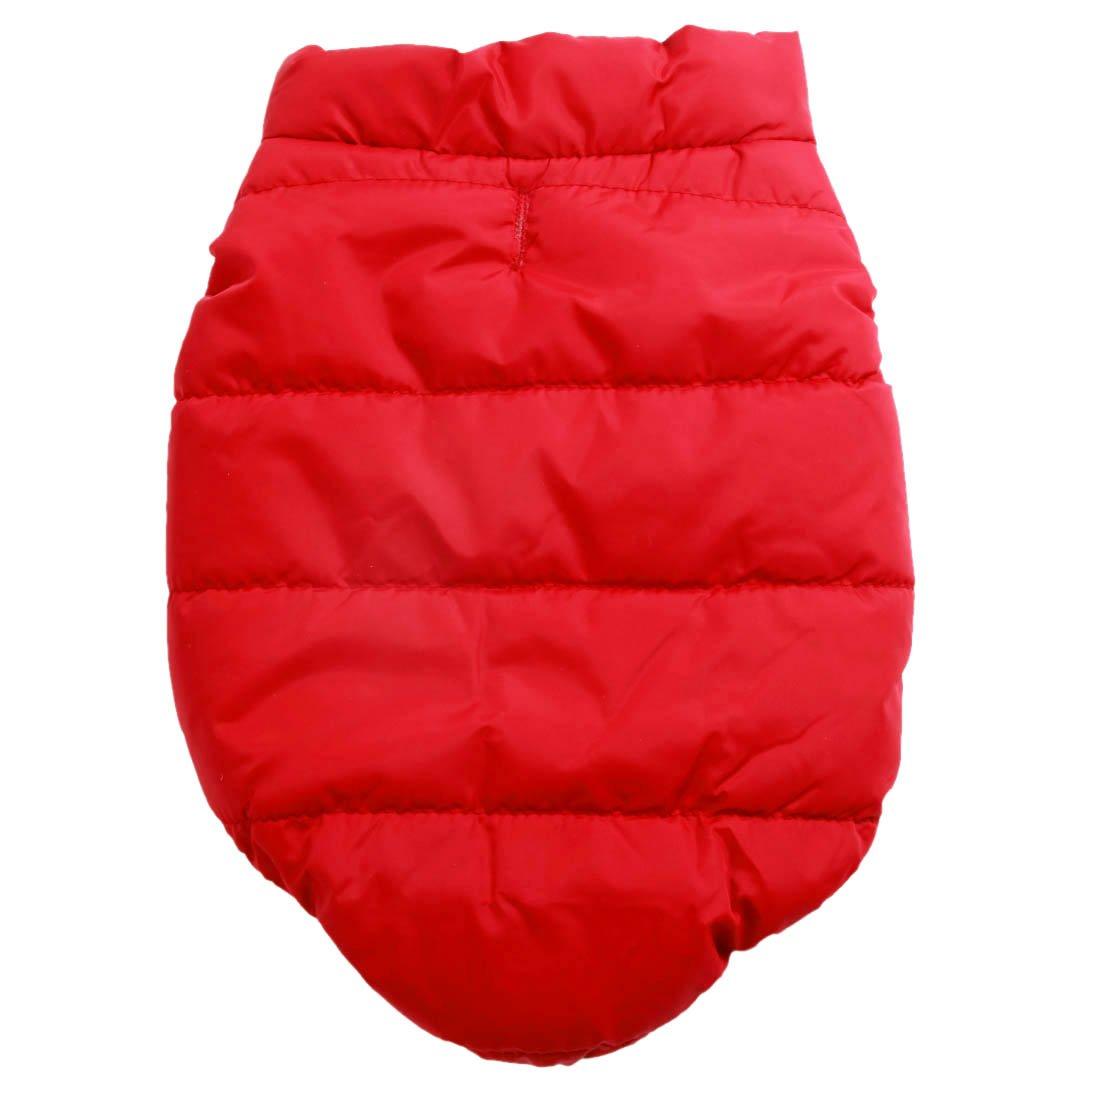 Rouge Joydaog Gilet coupe-vent Manteau pour chien 2/couches avec doublure polaire super chaud pour lhiver par temps froid Extra Doux Chiot chien